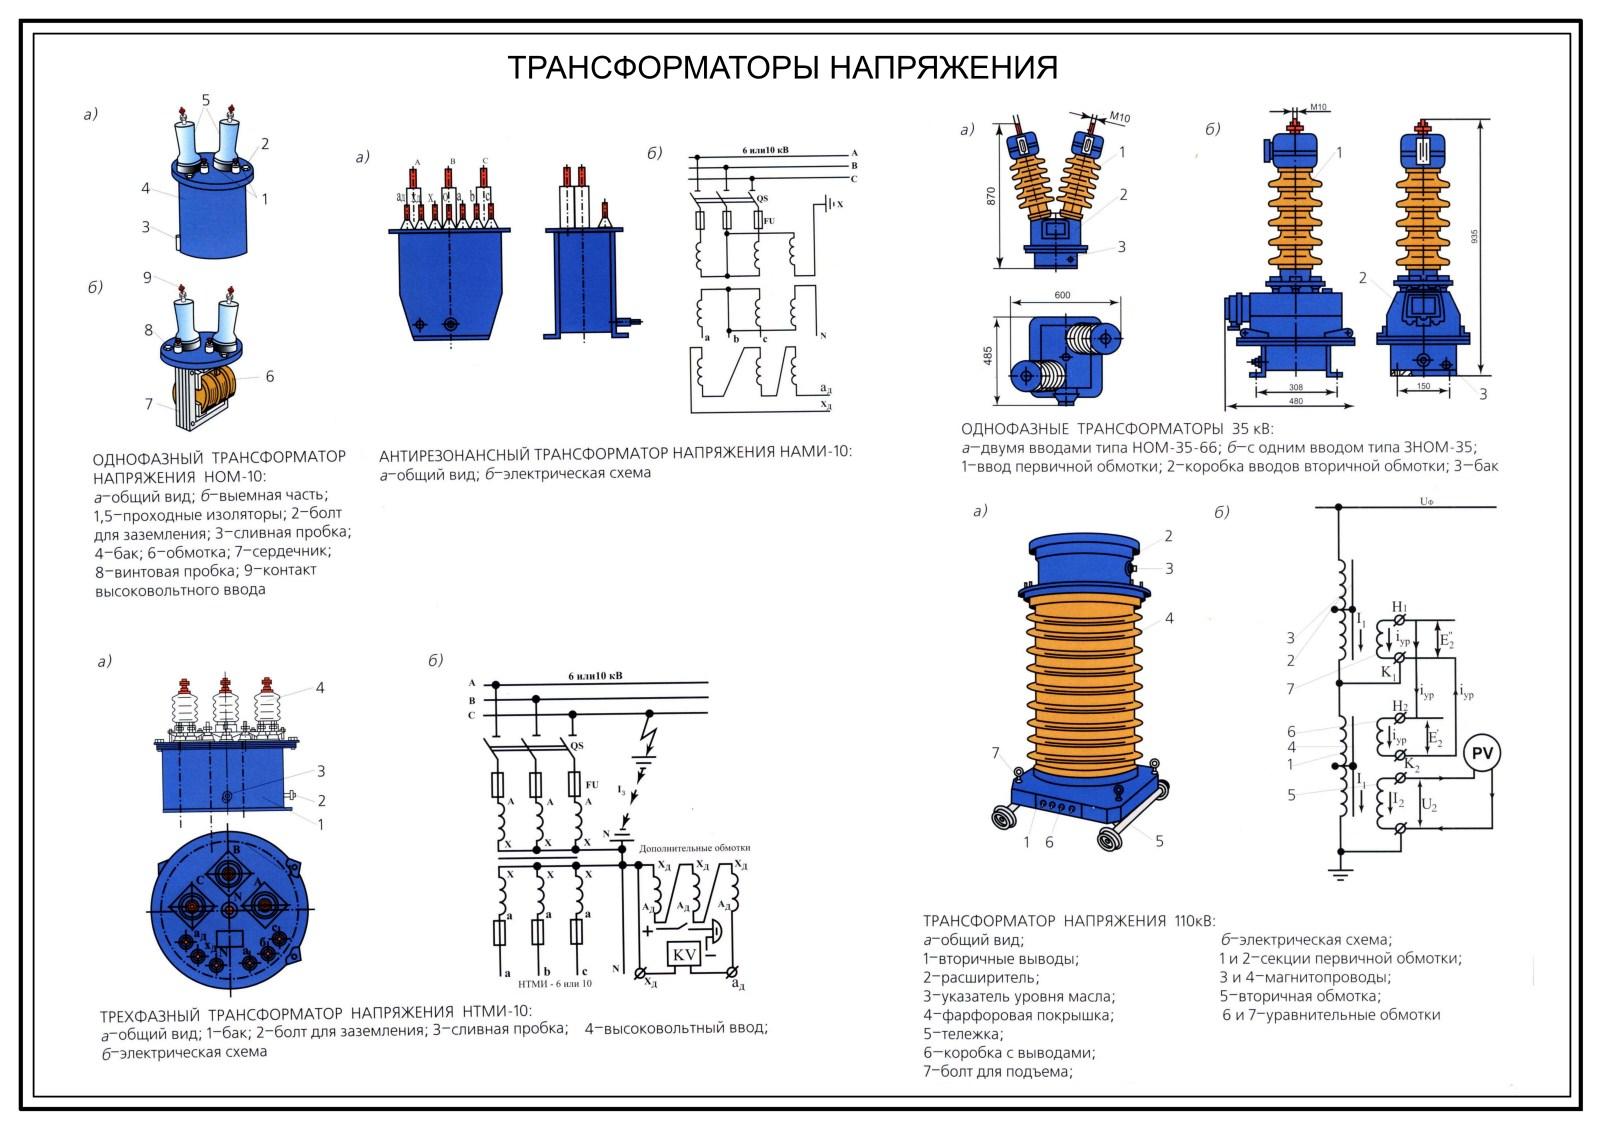 Схема разомкнутого треугольника трансформатор напряжения